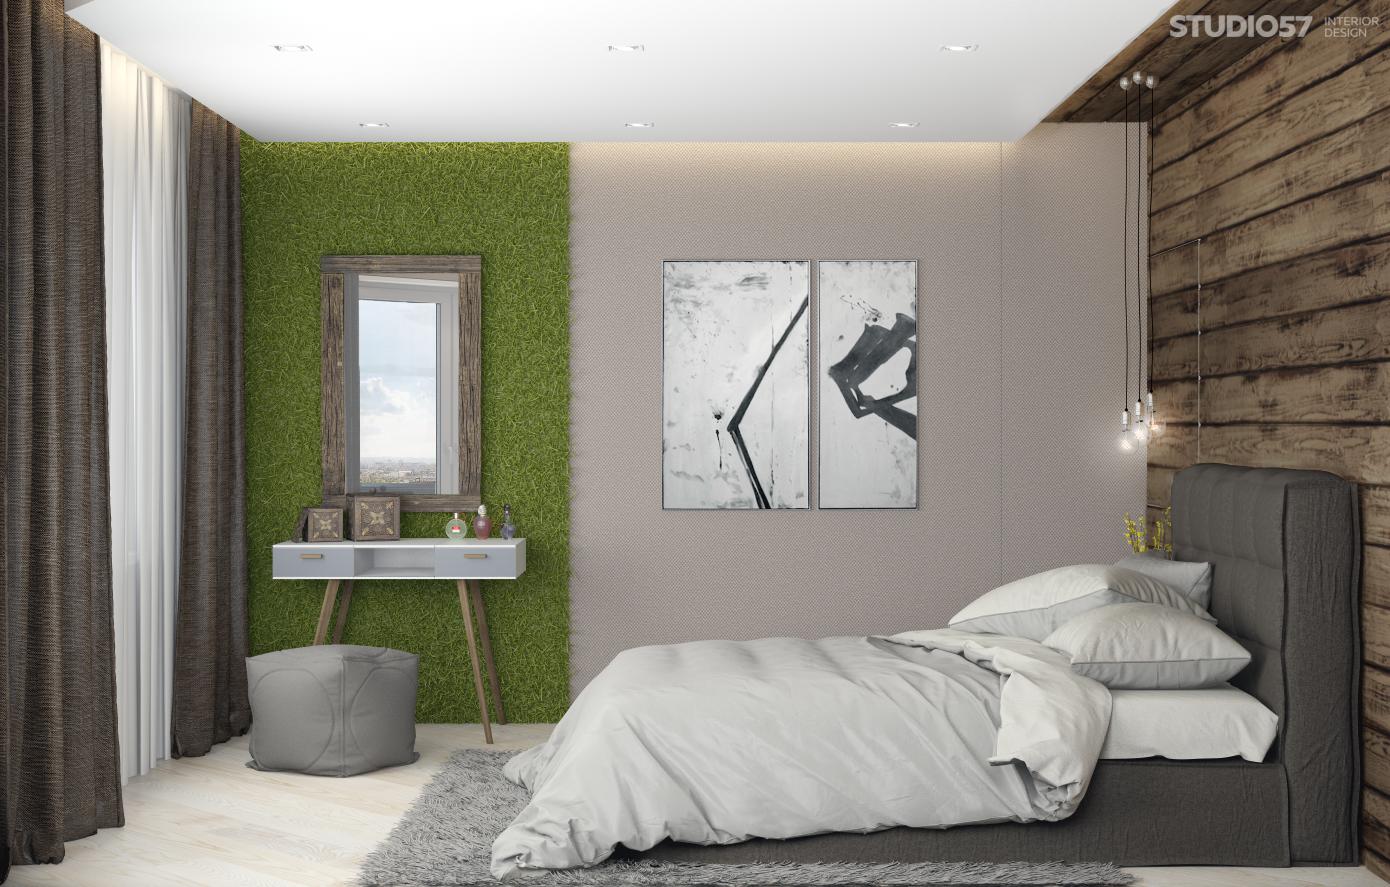 Дизайн интерьера спальни в стиле это фото